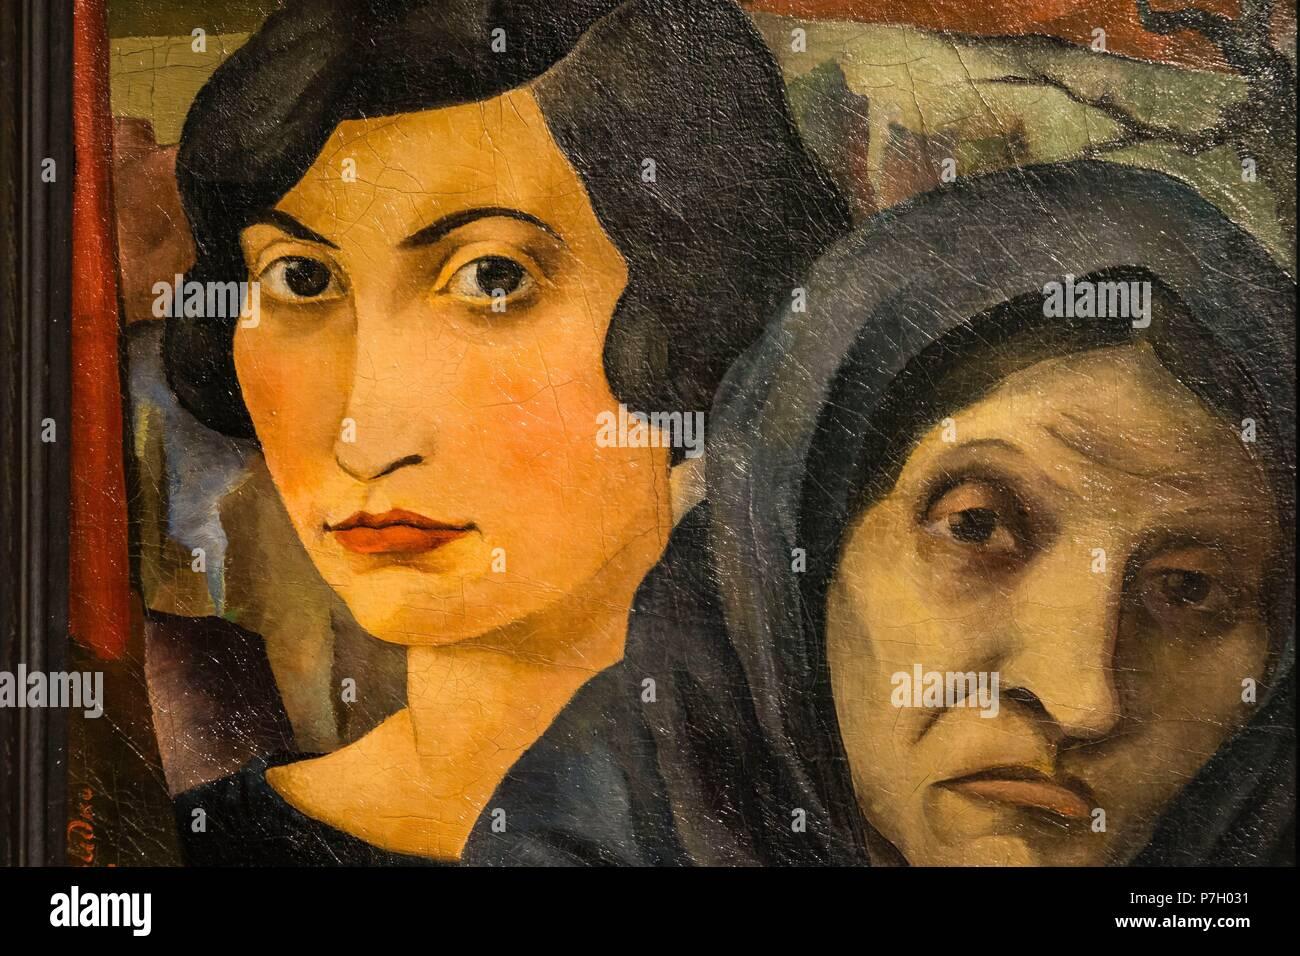 madre y hija, Joseph Budko, 1925, oleo sobre lienzo, Museo Judío de Berlín,diseñado por el arquitecto polaco Daniel Libeskinds , Berlin, Alemania, Europe. Stock Photo